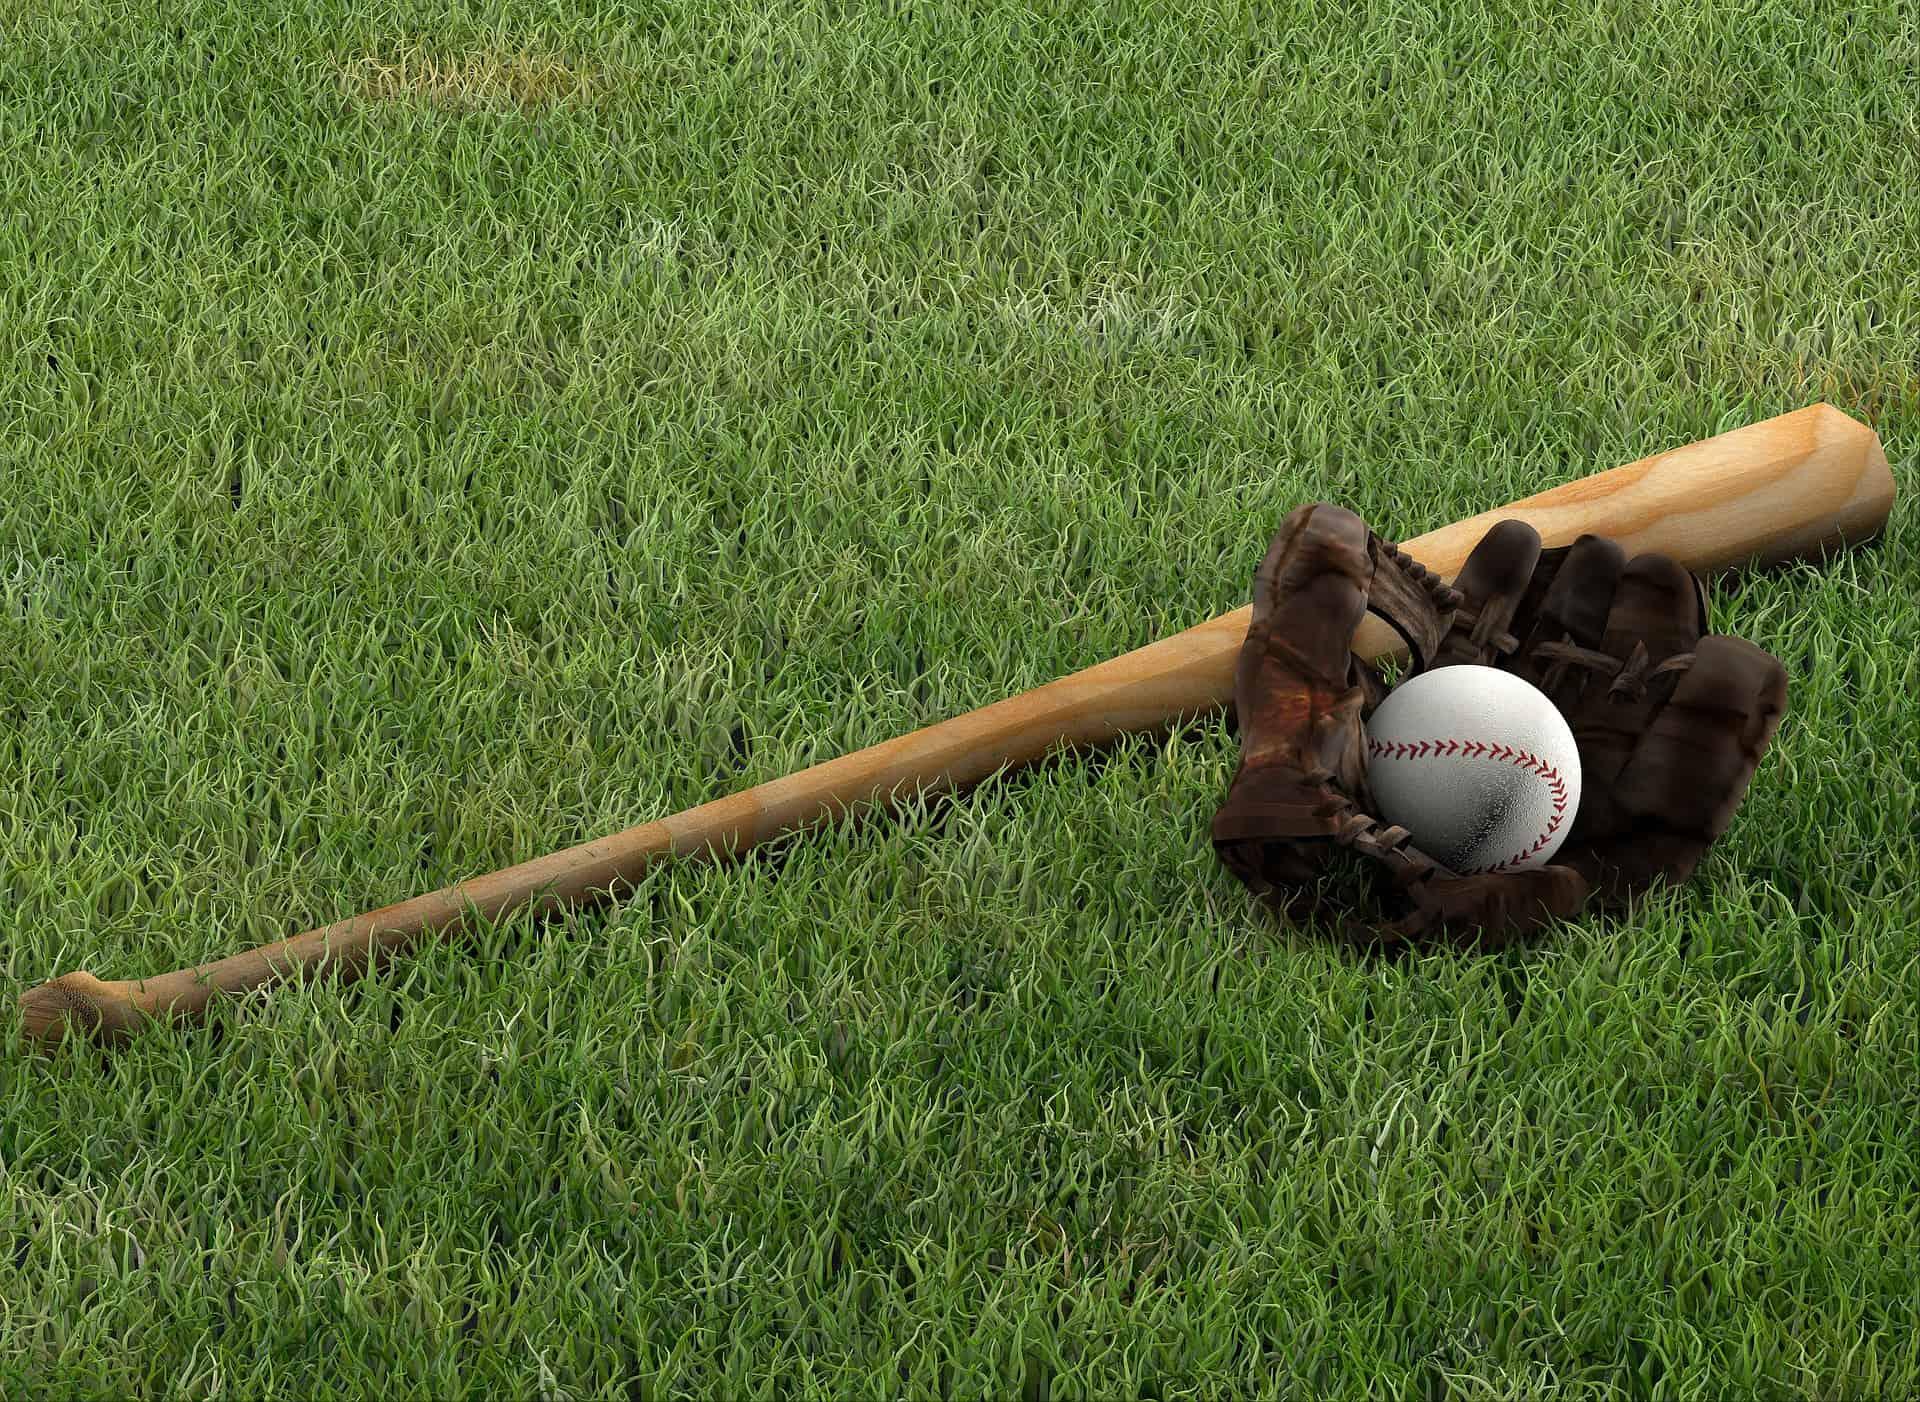 Beste Honkbalknuppel: Winkelgids en Aanbevelingen (09/21)